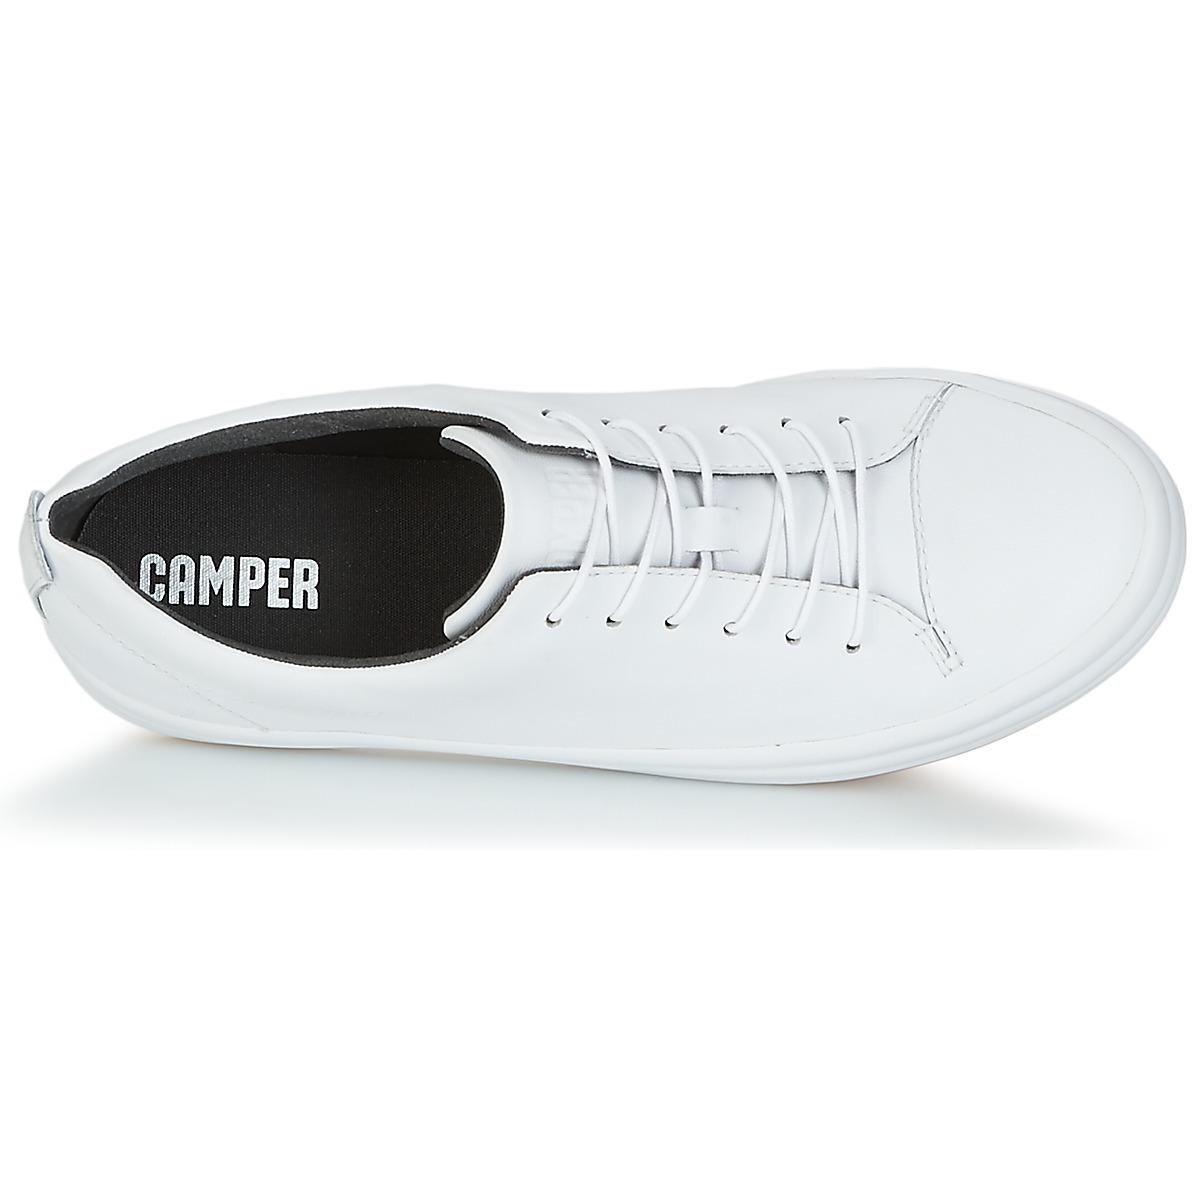 Billig !10251#Camper !10251#Camper Billig HOOP Weiss 139905